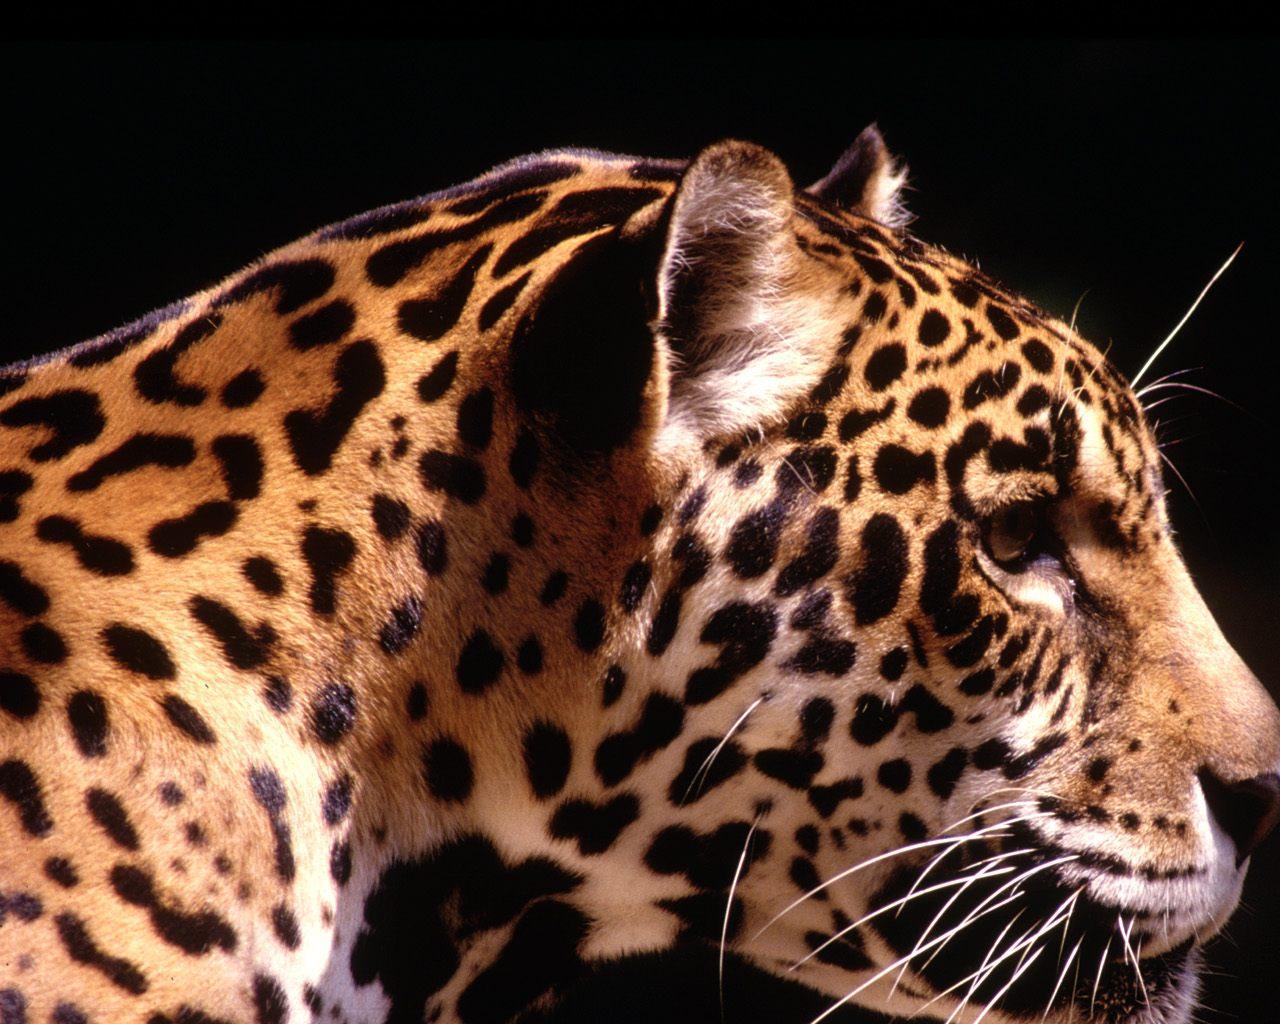 Leopard Profile Wallpaper Jaguar Animal Black Background 927706 Hd Wallpaper Backgrounds Download